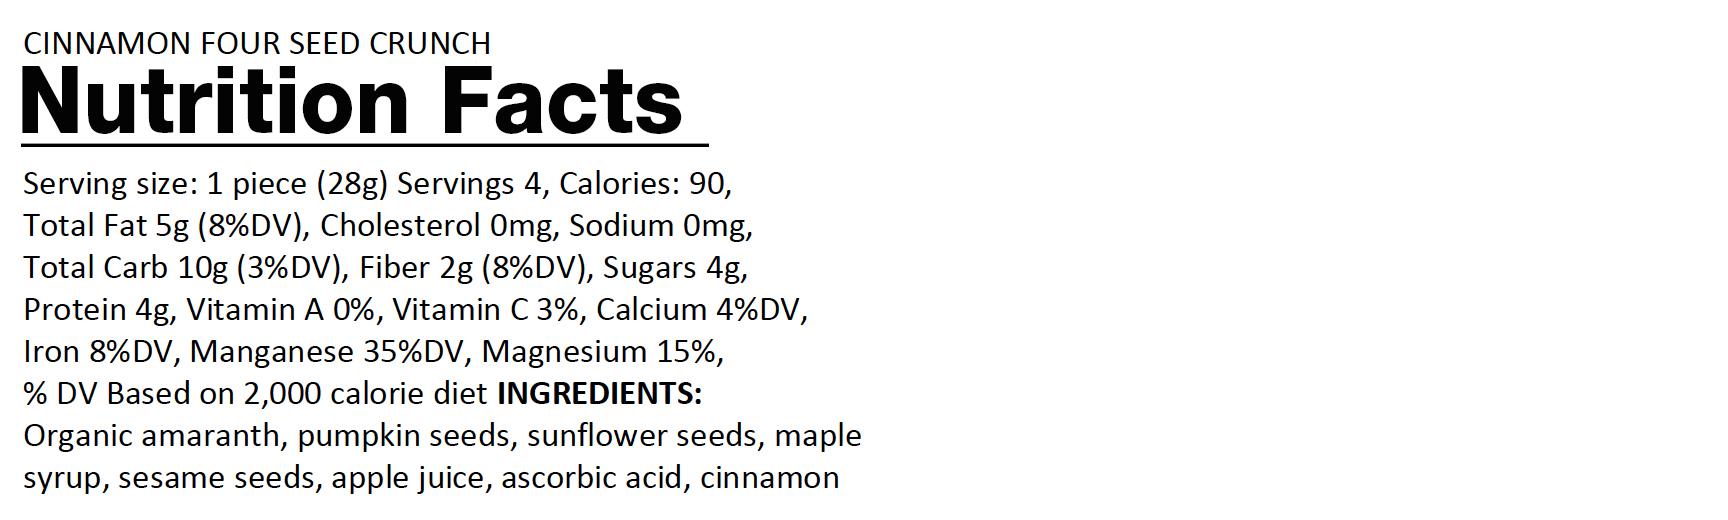 cinn-crunch-nut-facts.jpg